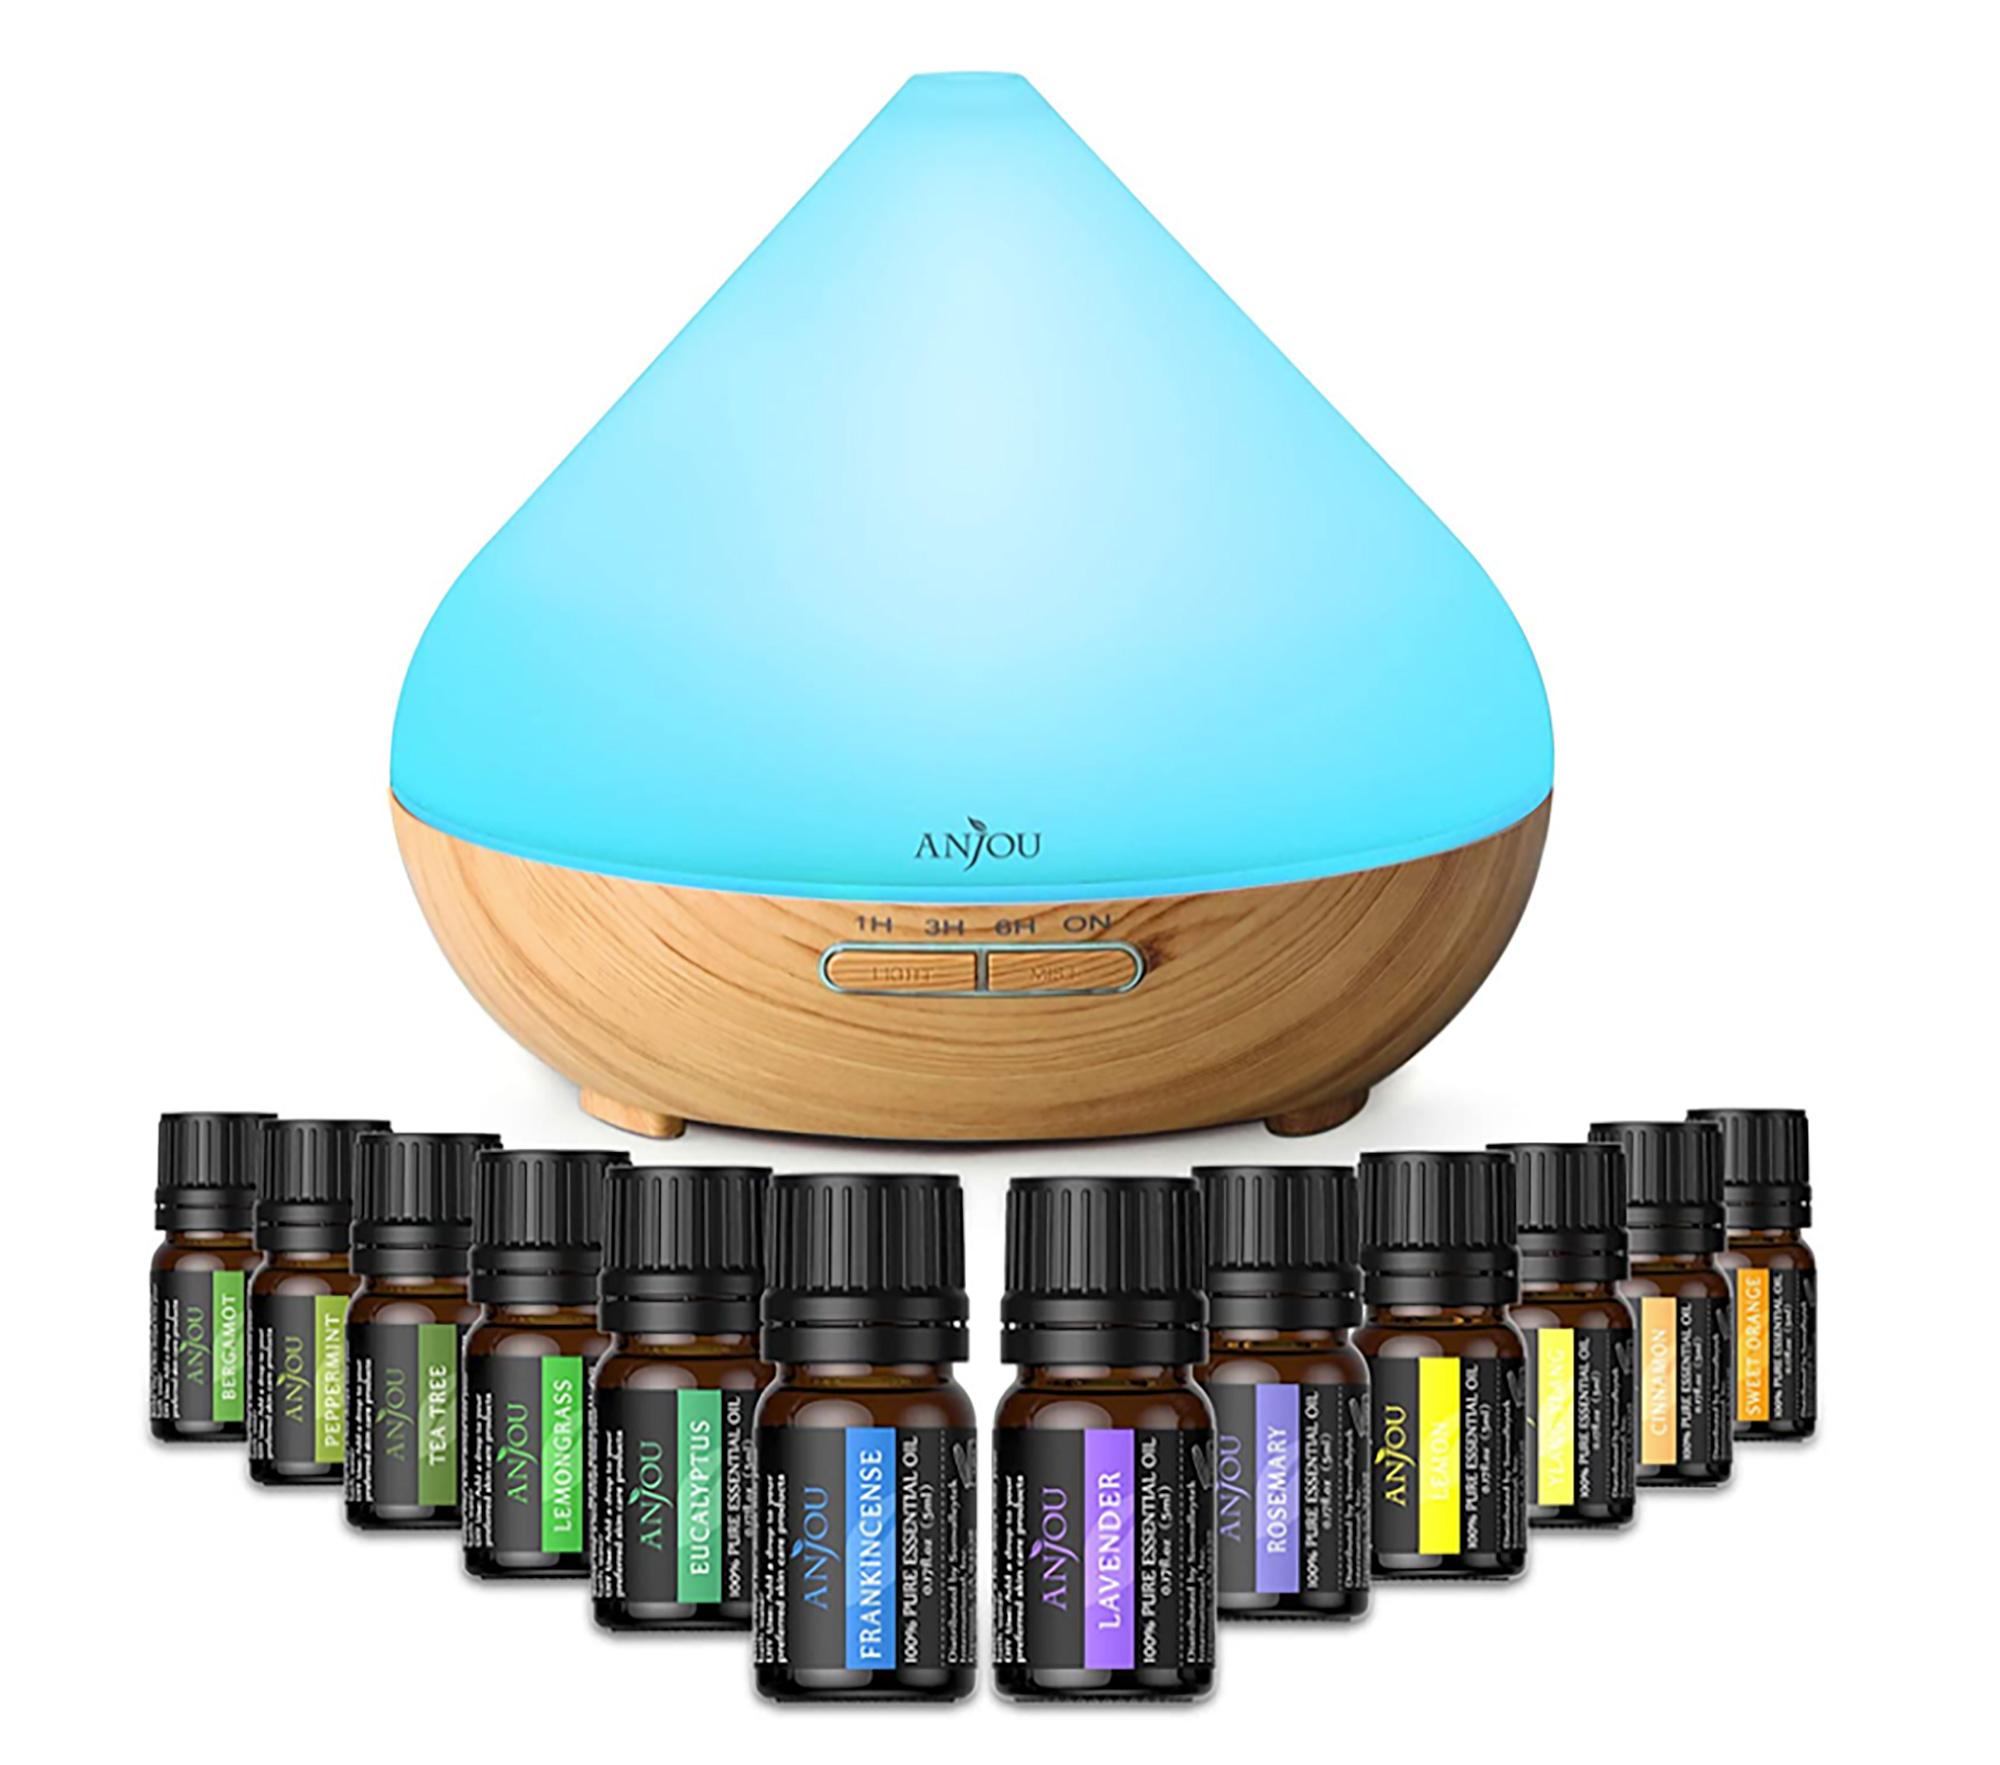 La aromaterapia se ha transformado en una práctica de medicina alternativa muy popular durante los últimos años. Con este difusor de aceites esenciales se le puede dar al hogar aromas como el de lavanda, eucalipto, limoncillo, menta o limón, entre algunas de las 12 fragancias que vienen incluidas.